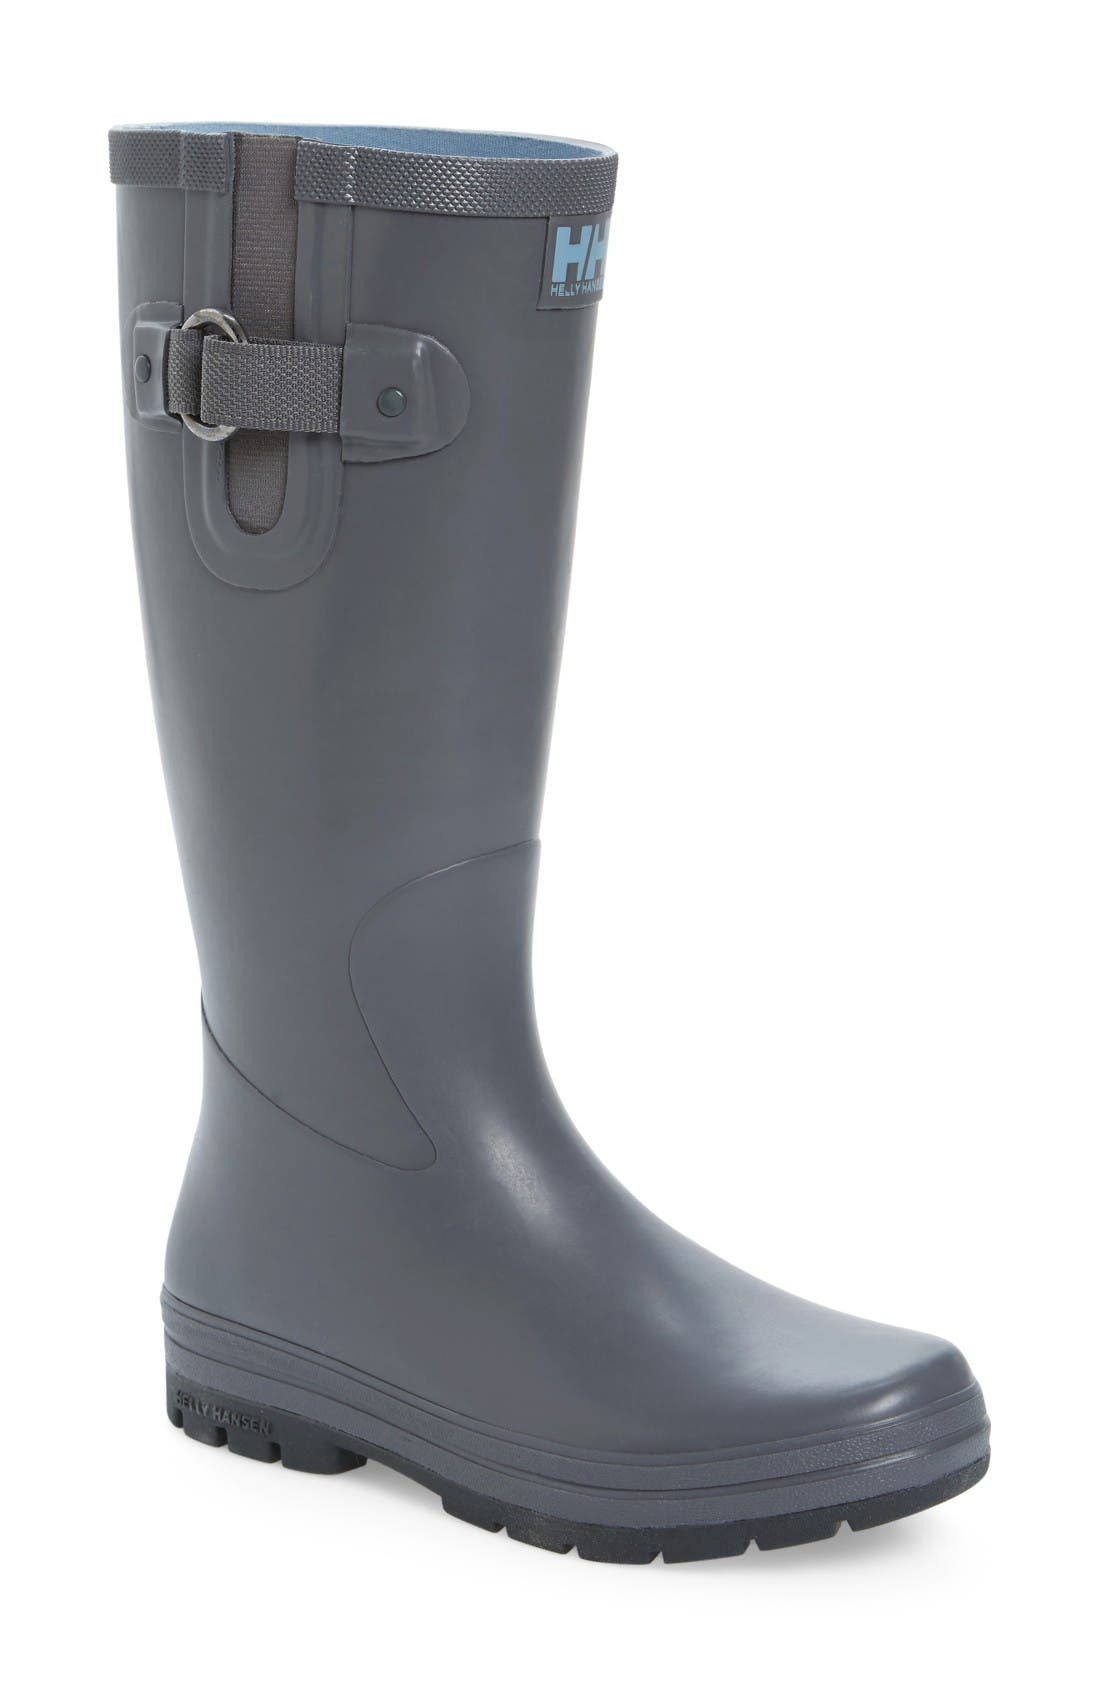 HELLY HANSEN Veierland Rain Boot